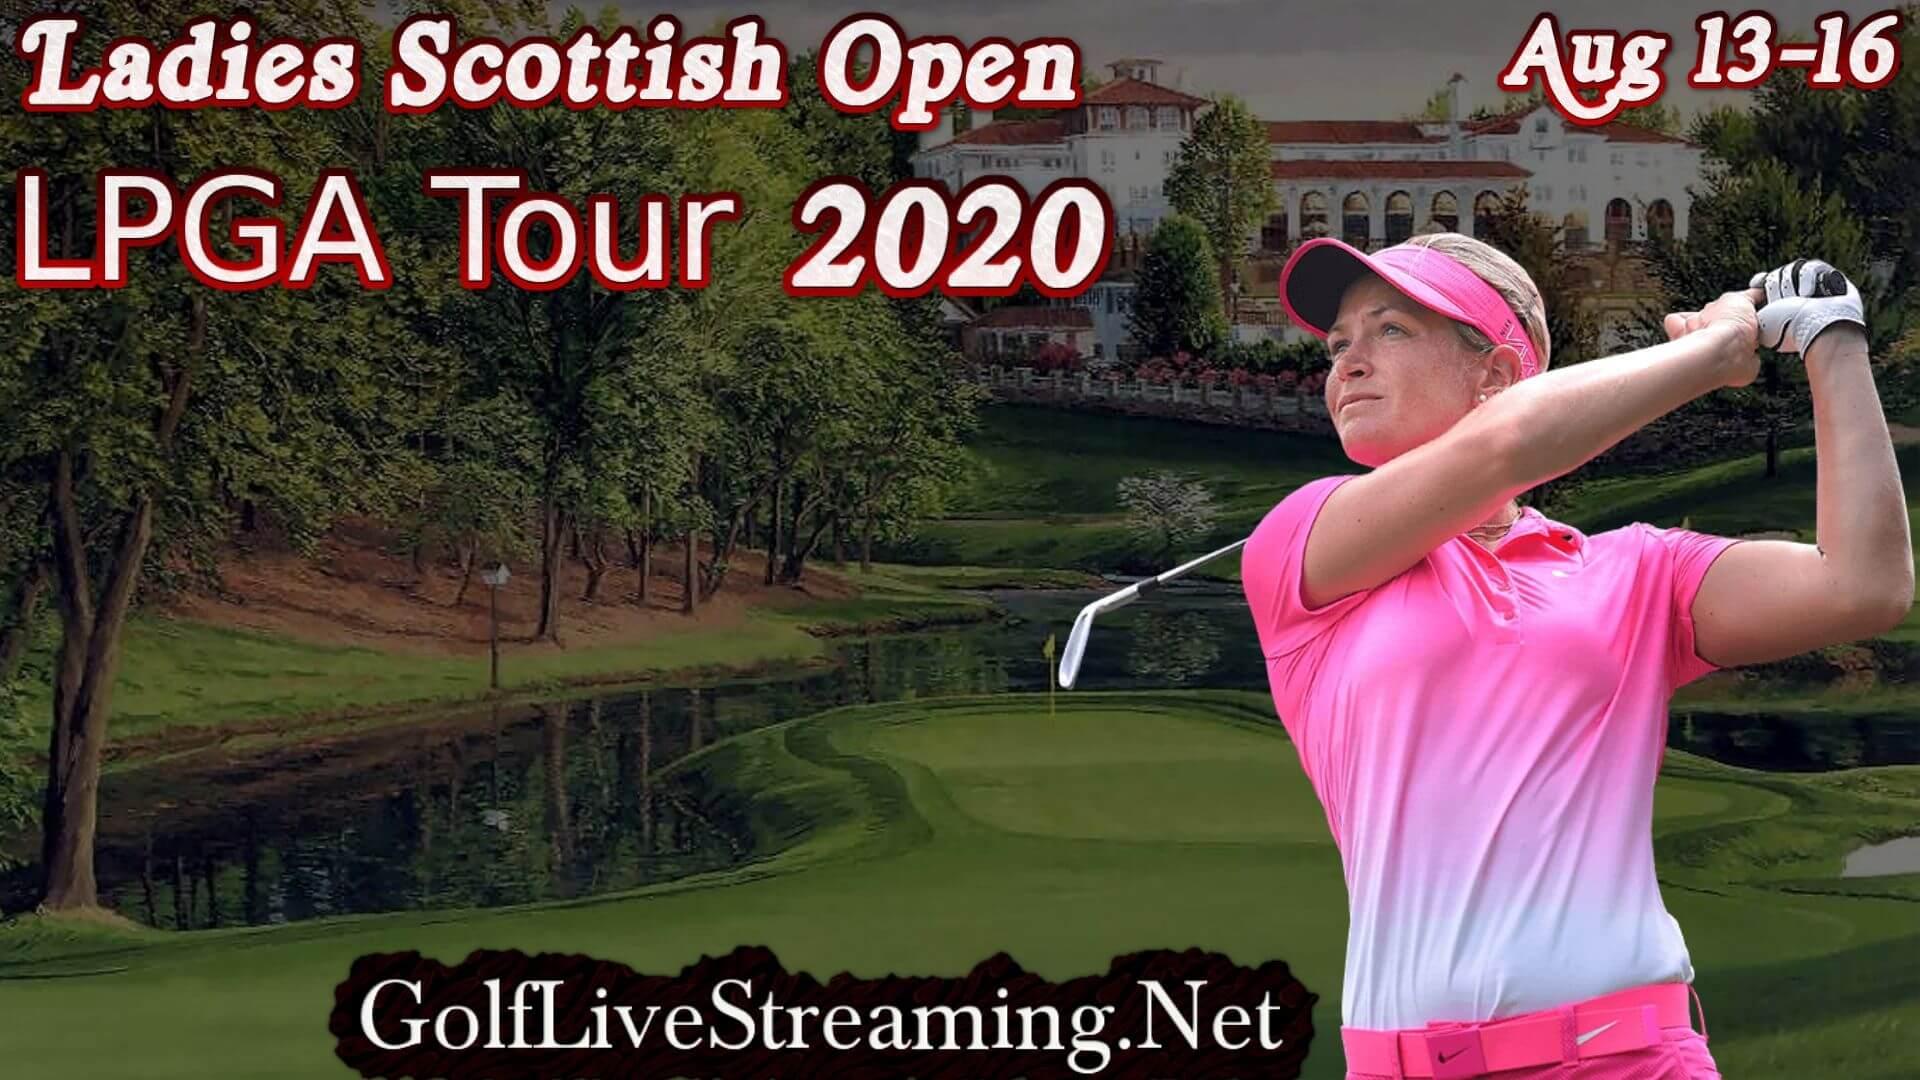 Ladies Scottish Open Live Stream 2020 | LPGA Round 1